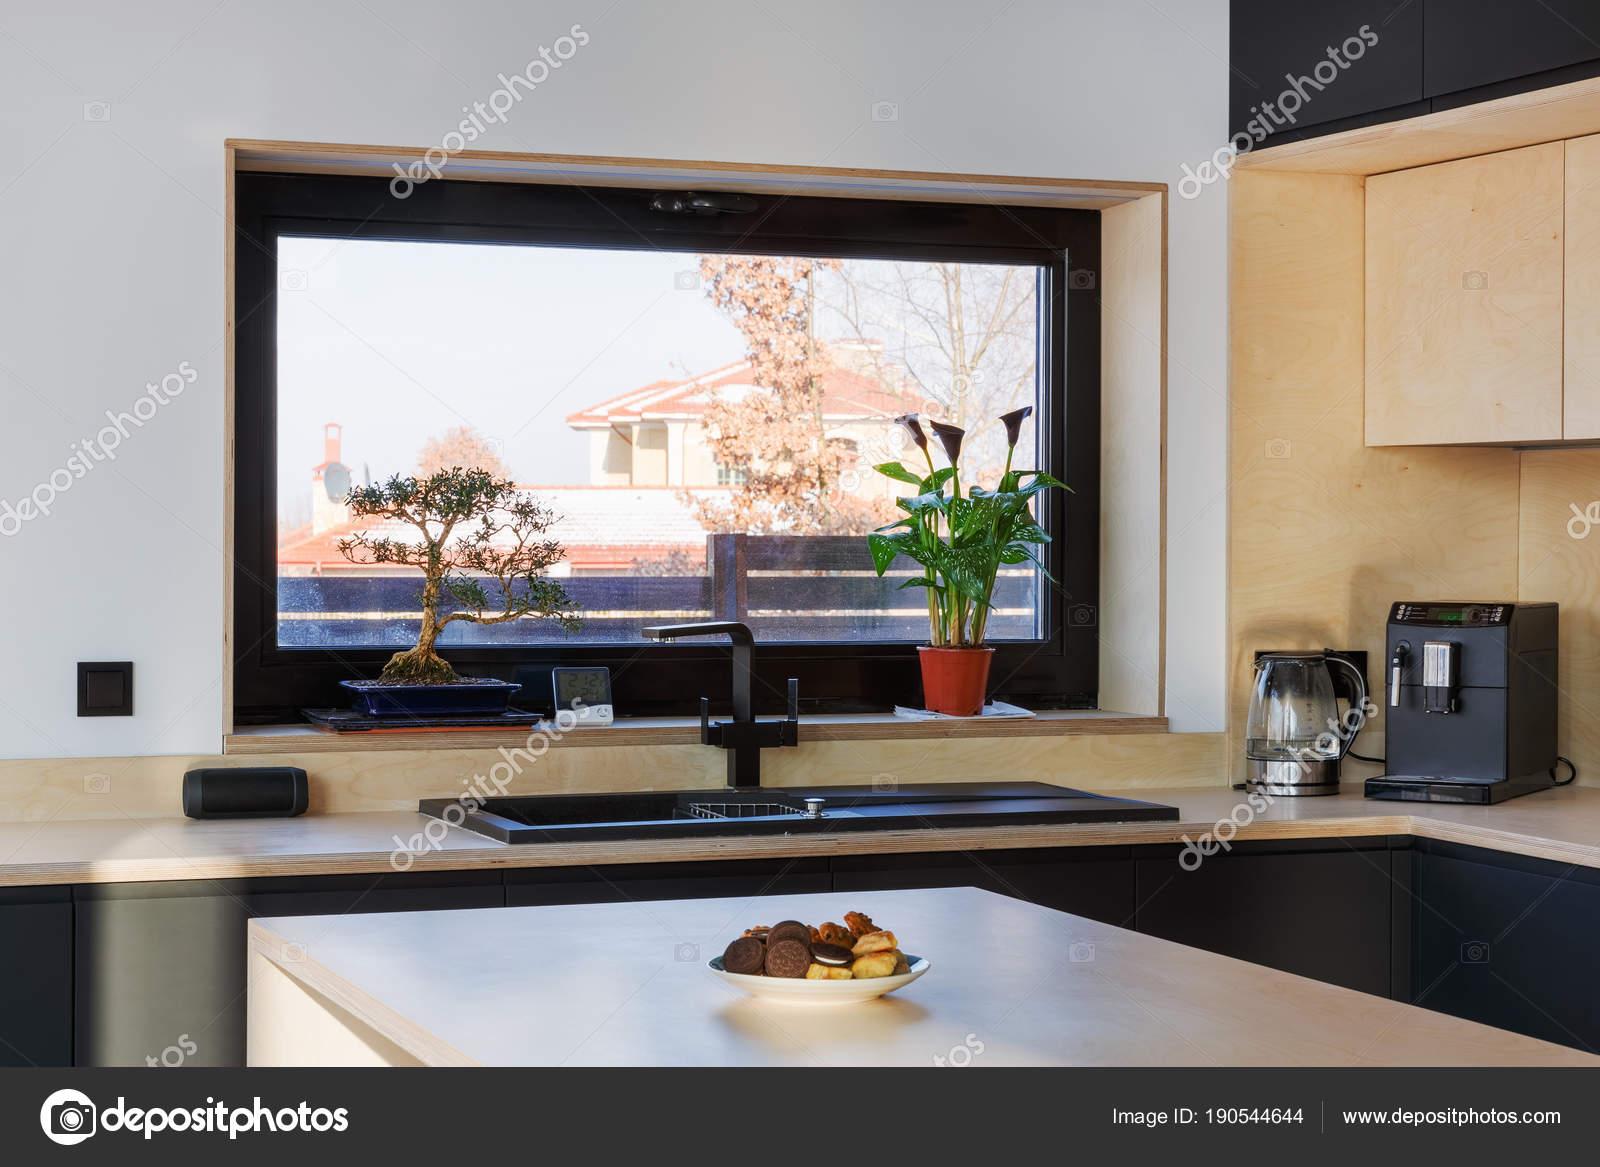 interiore della cucina con una grande finestra e una vista della ...